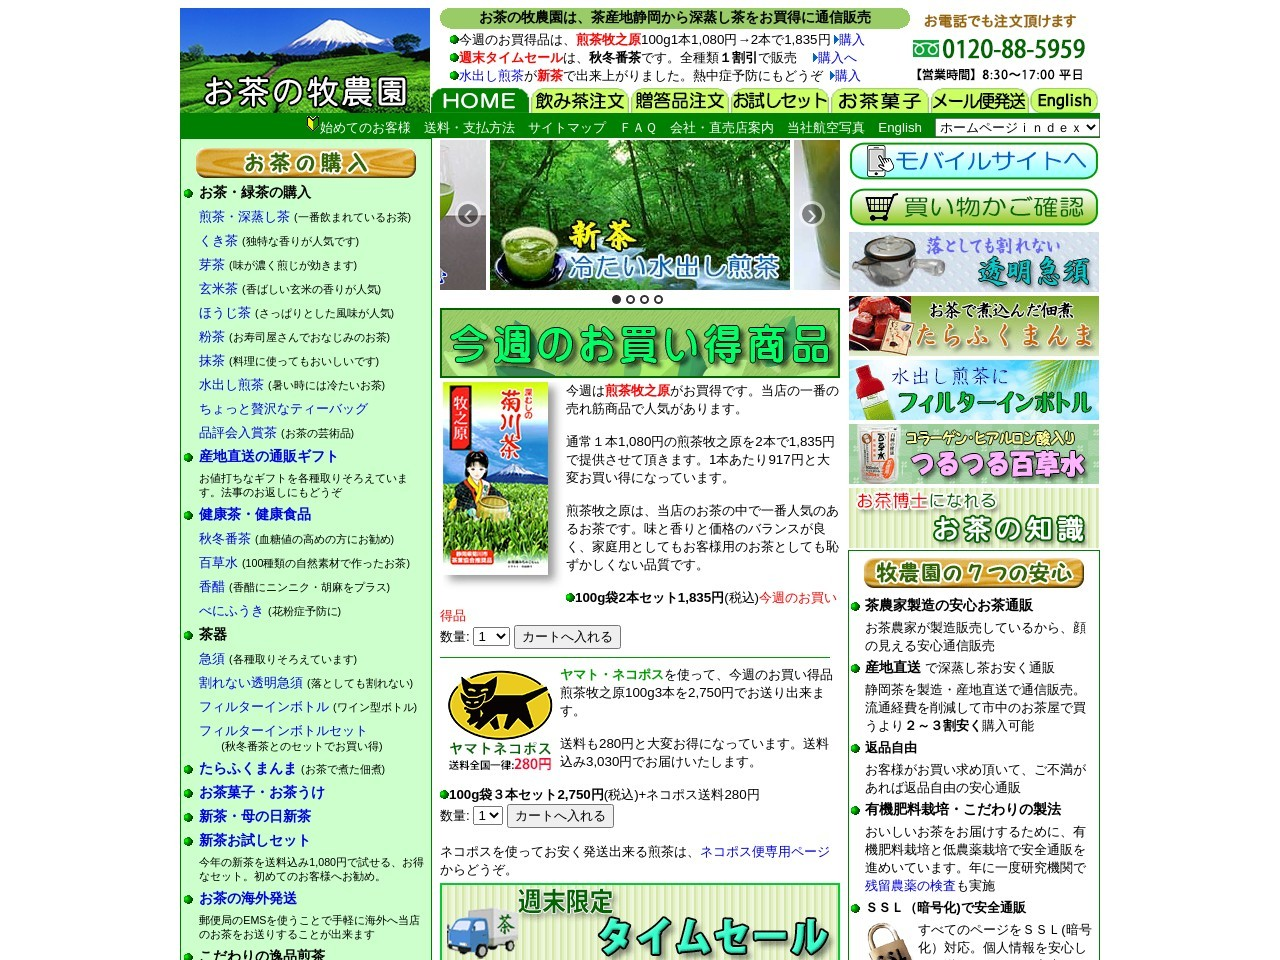 お茶の通販サイト【お茶の牧農園】深蒸し茶を産地直送